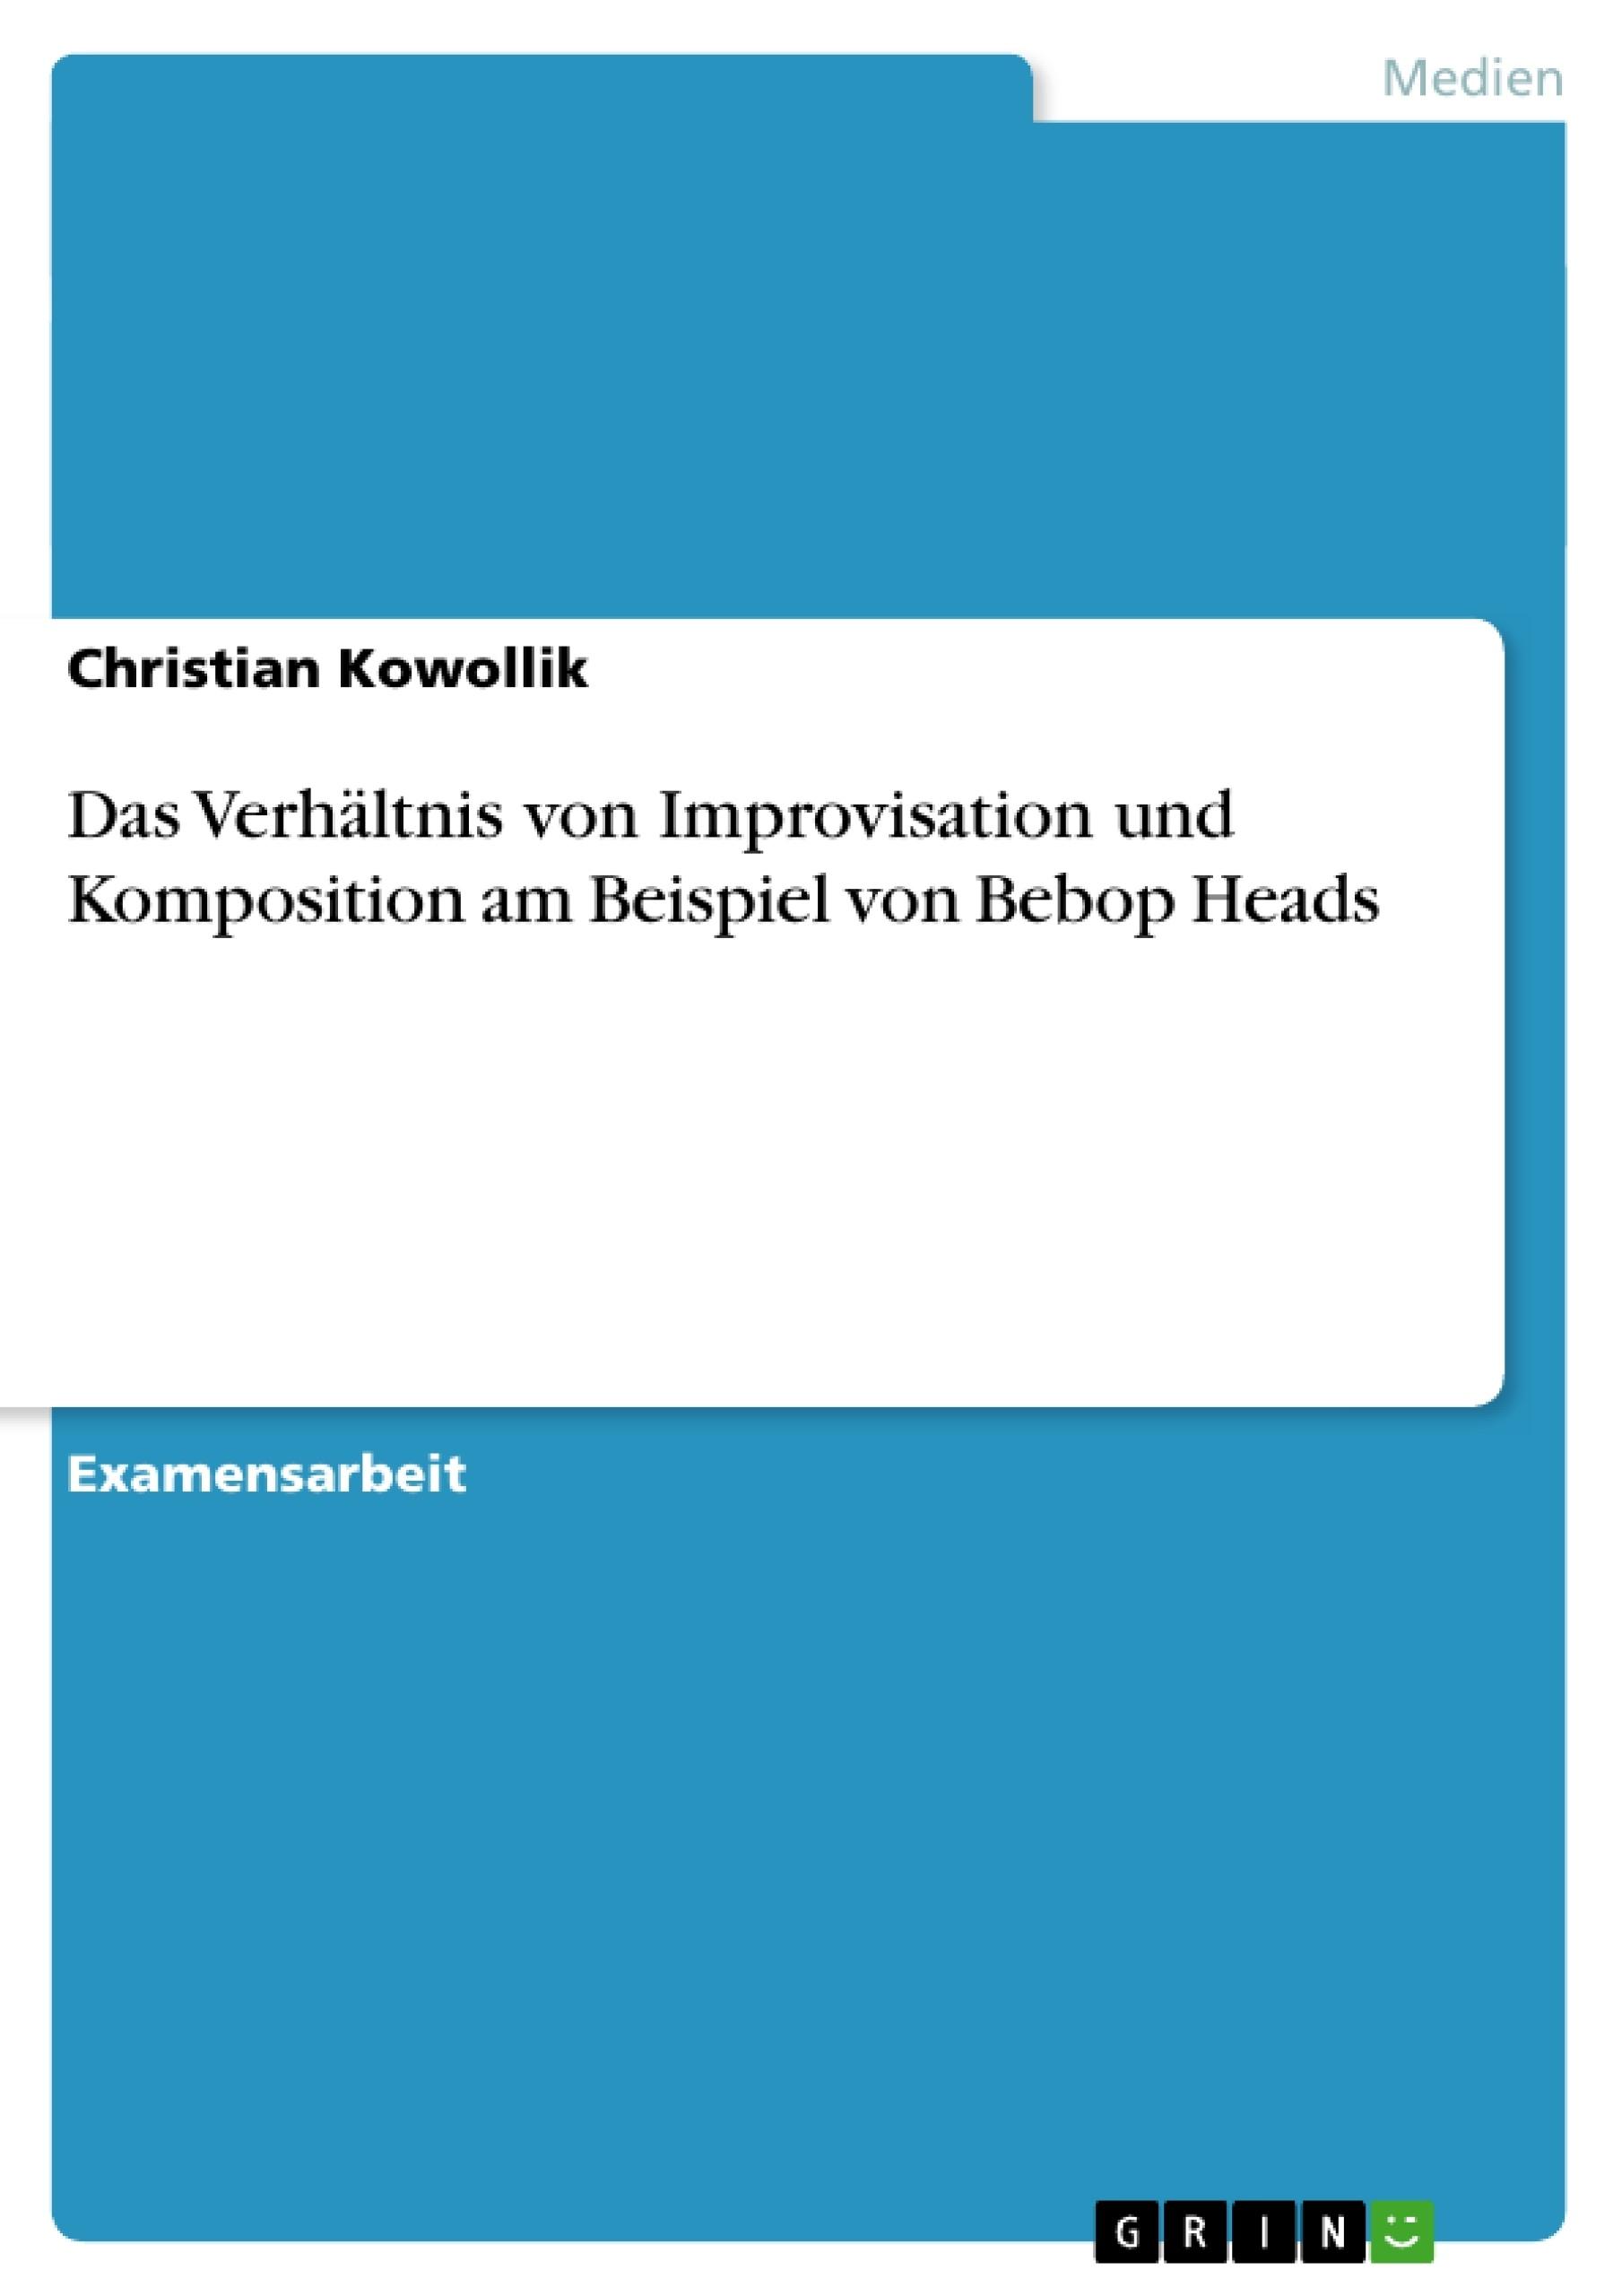 Titel: Das Verhältnis von Improvisation und Komposition am Beispiel von Bebop Heads